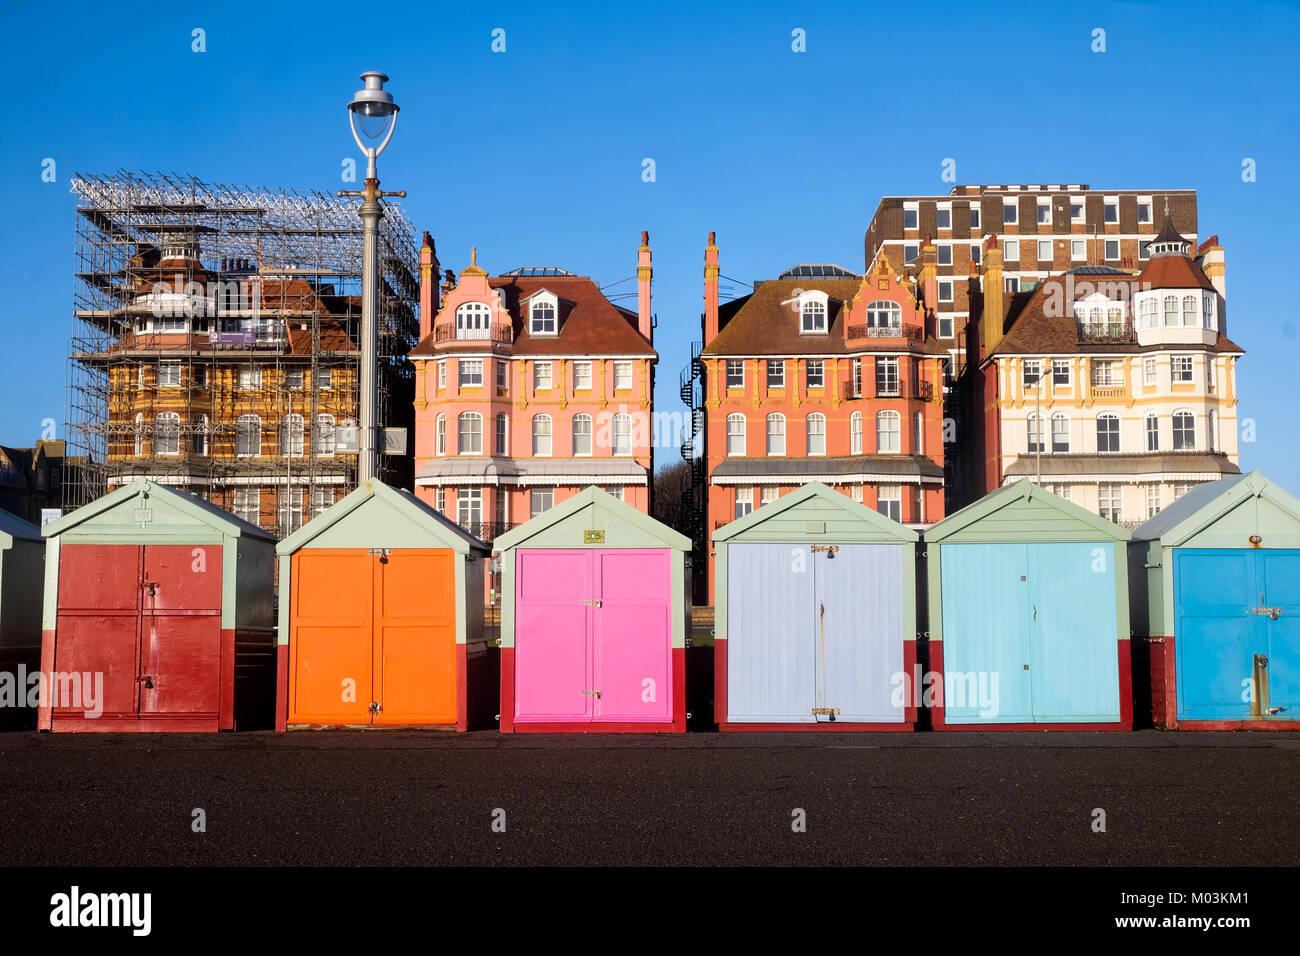 Brighton Seafront 7 multi Badekabinen, Hinter blauen Himmel und drei sehr reich verzierten viktorianischen Gebäuden Stockbild